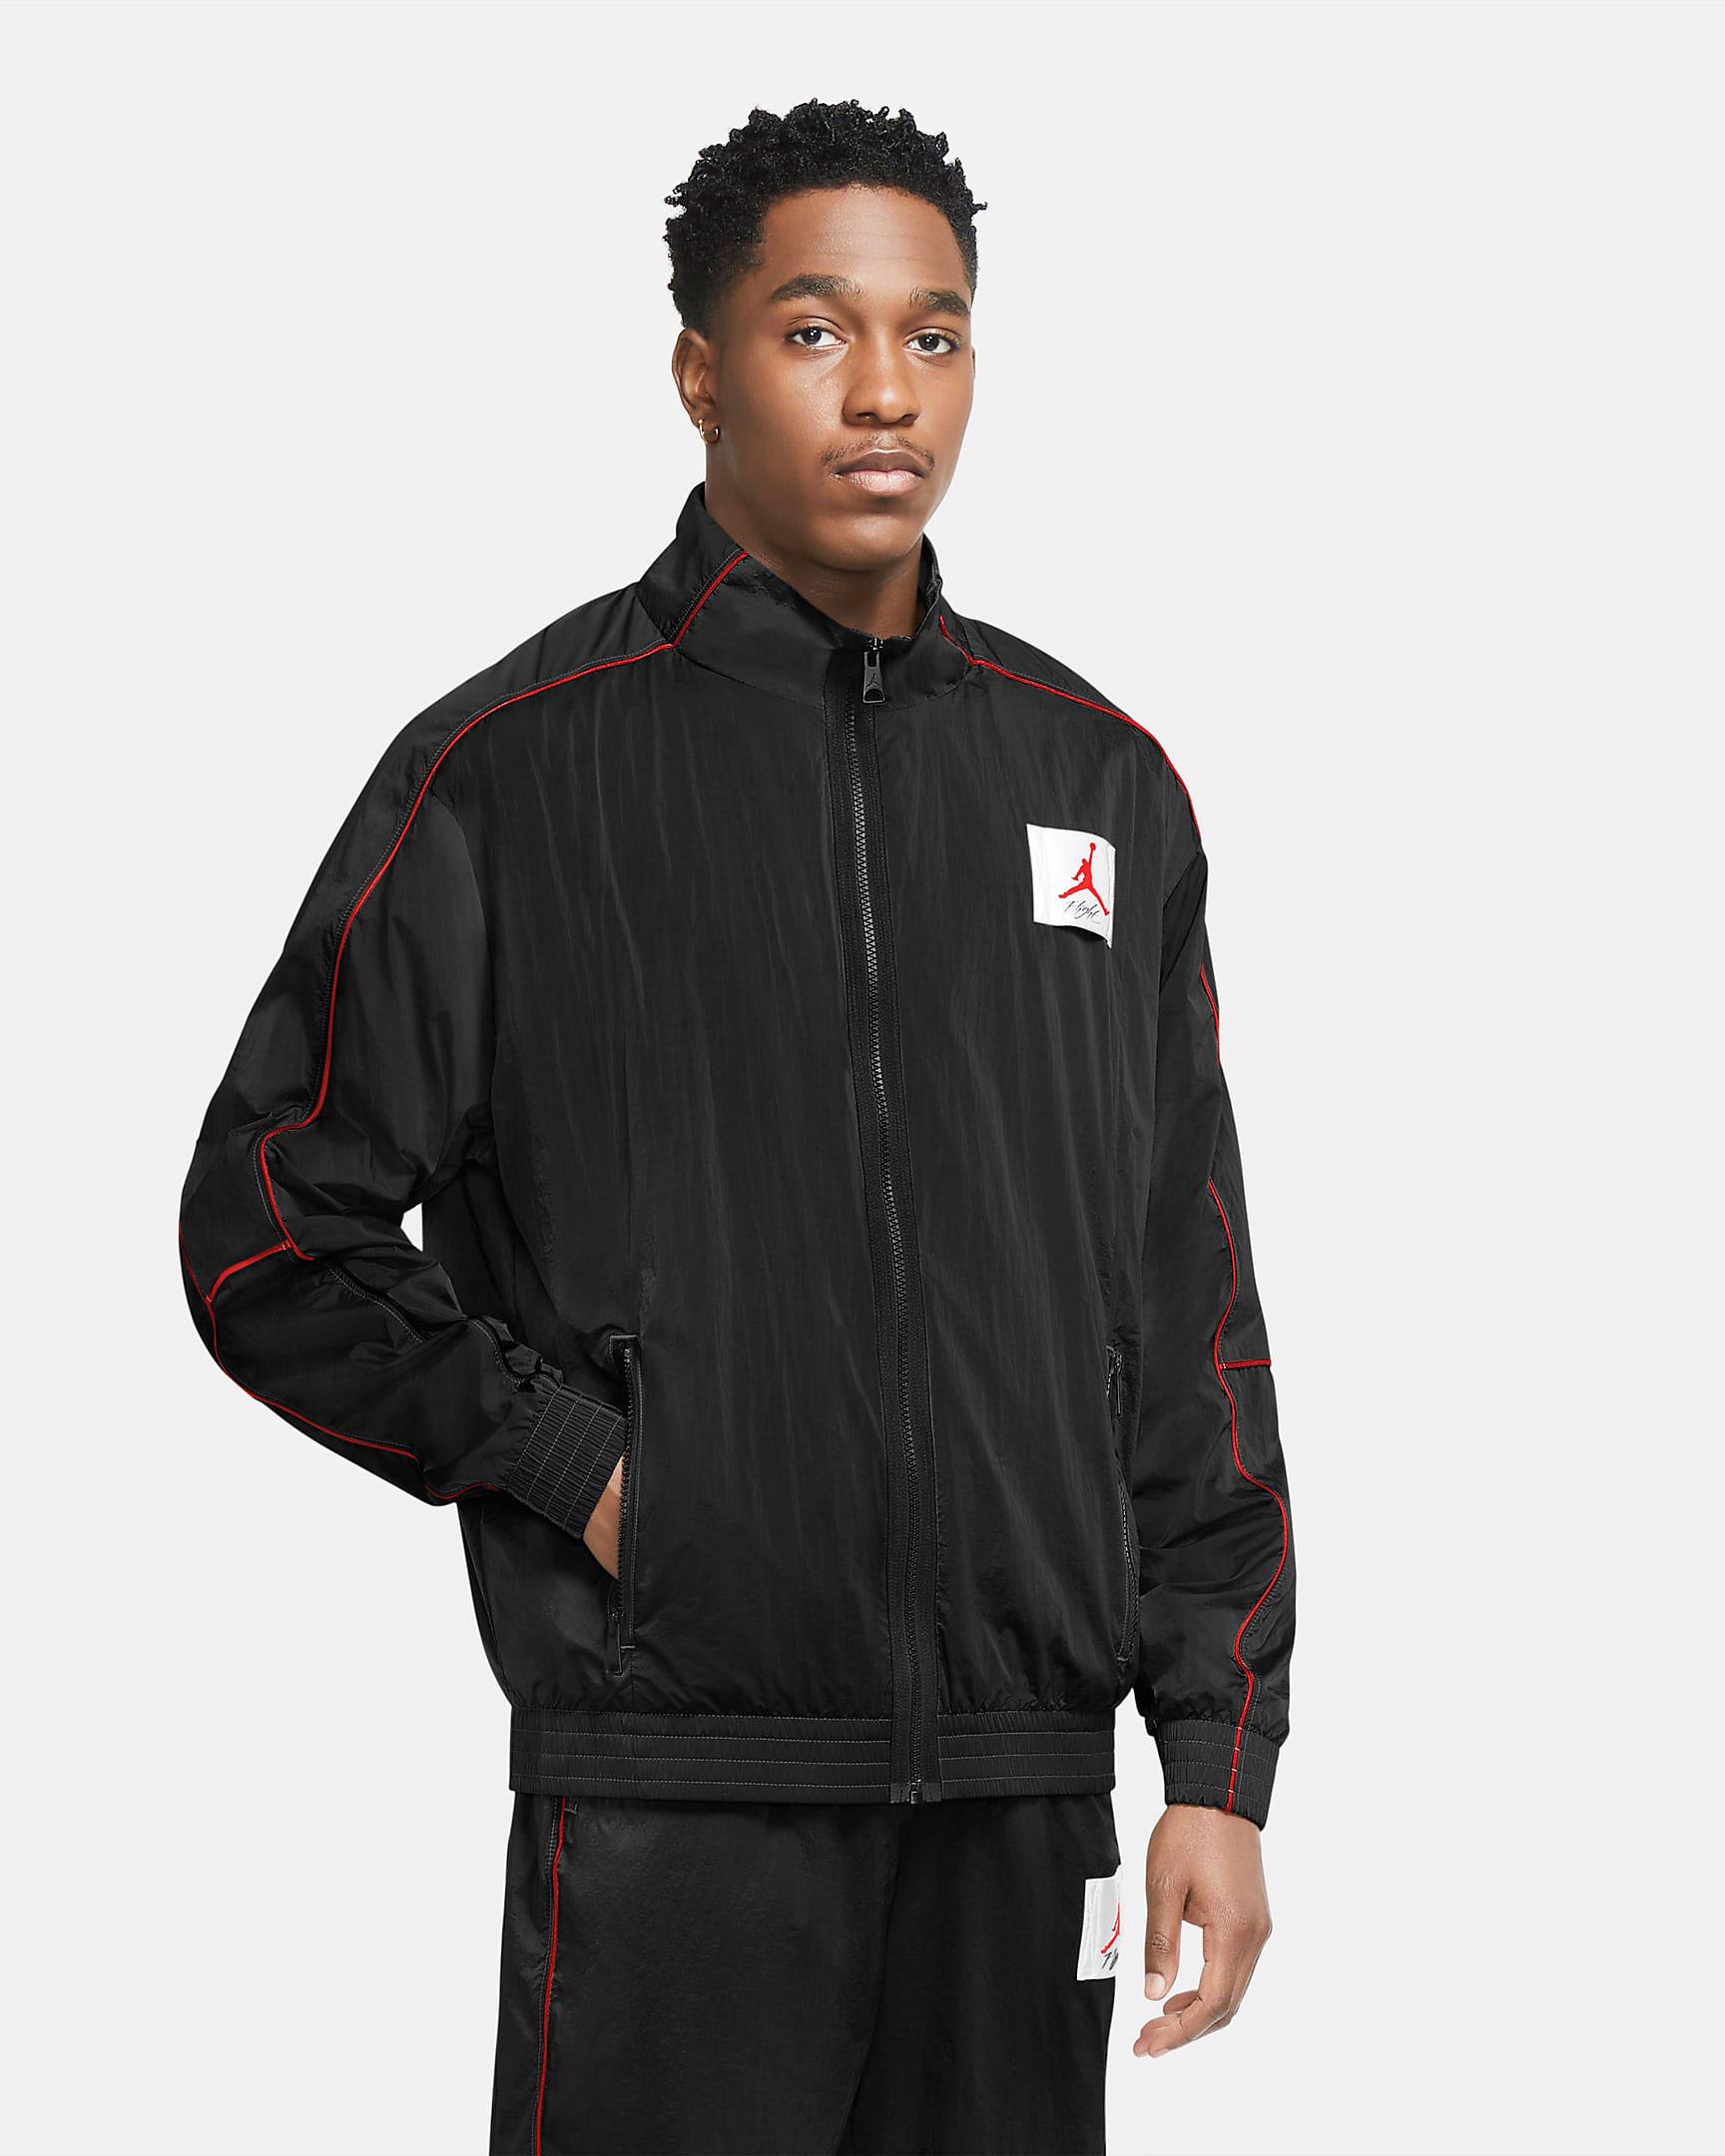 jordan-flight-track-jacket-black-red-fall-2020